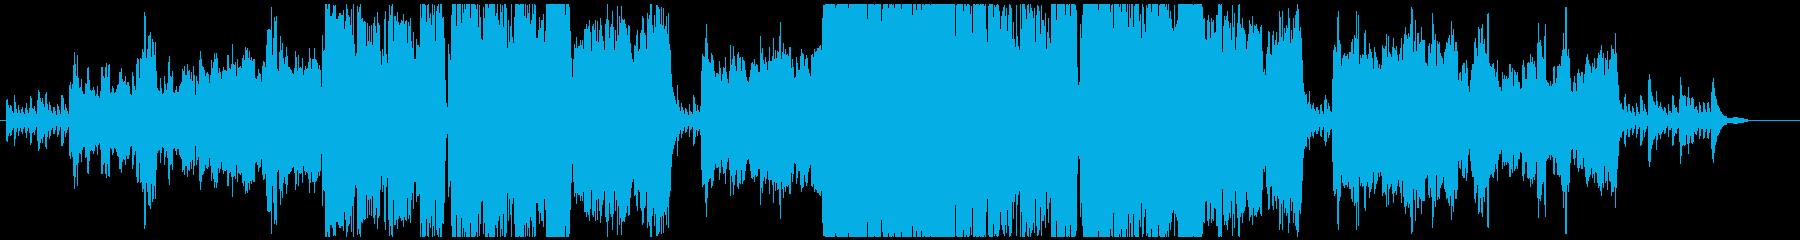 悲しいオーボエとピアノの再生済みの波形